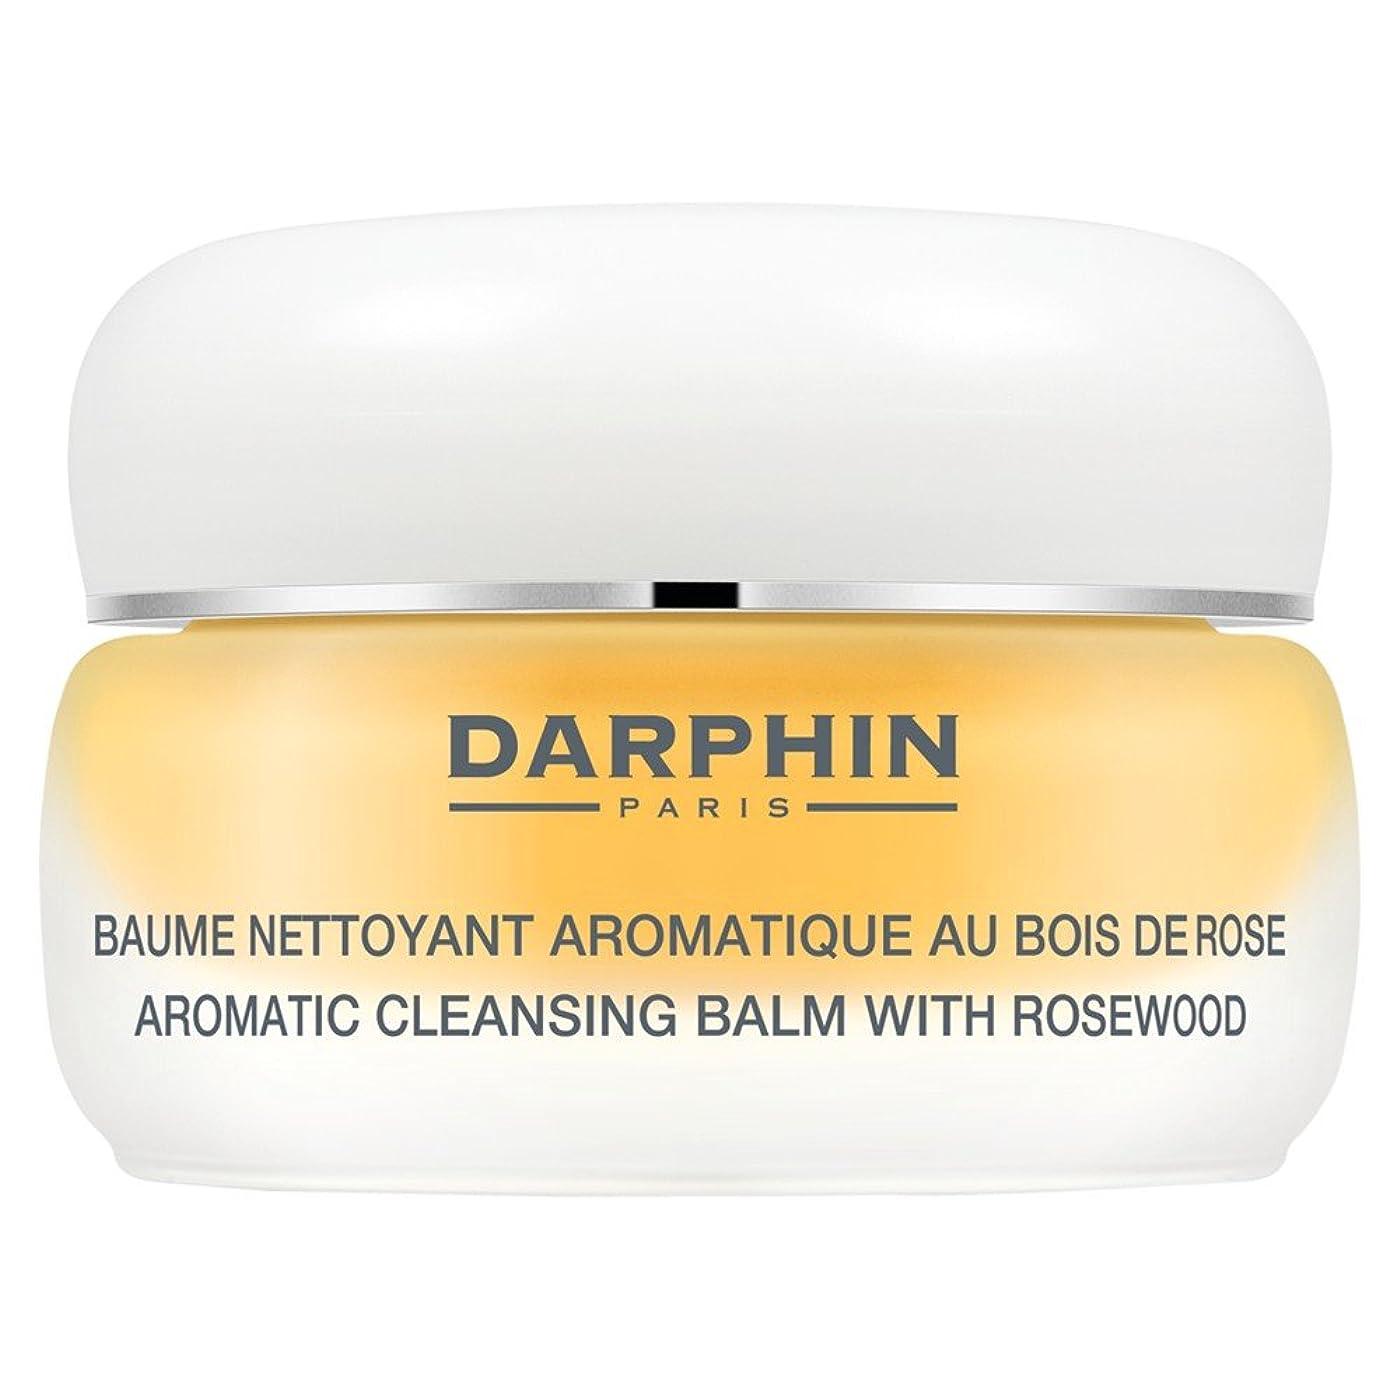 書士仲間頼るダルファン芳香族クレンジングバーム40ミリリットル (Darphin) (x2) - Darphin Aromatic Cleansing Balm 40ml (Pack of 2) [並行輸入品]